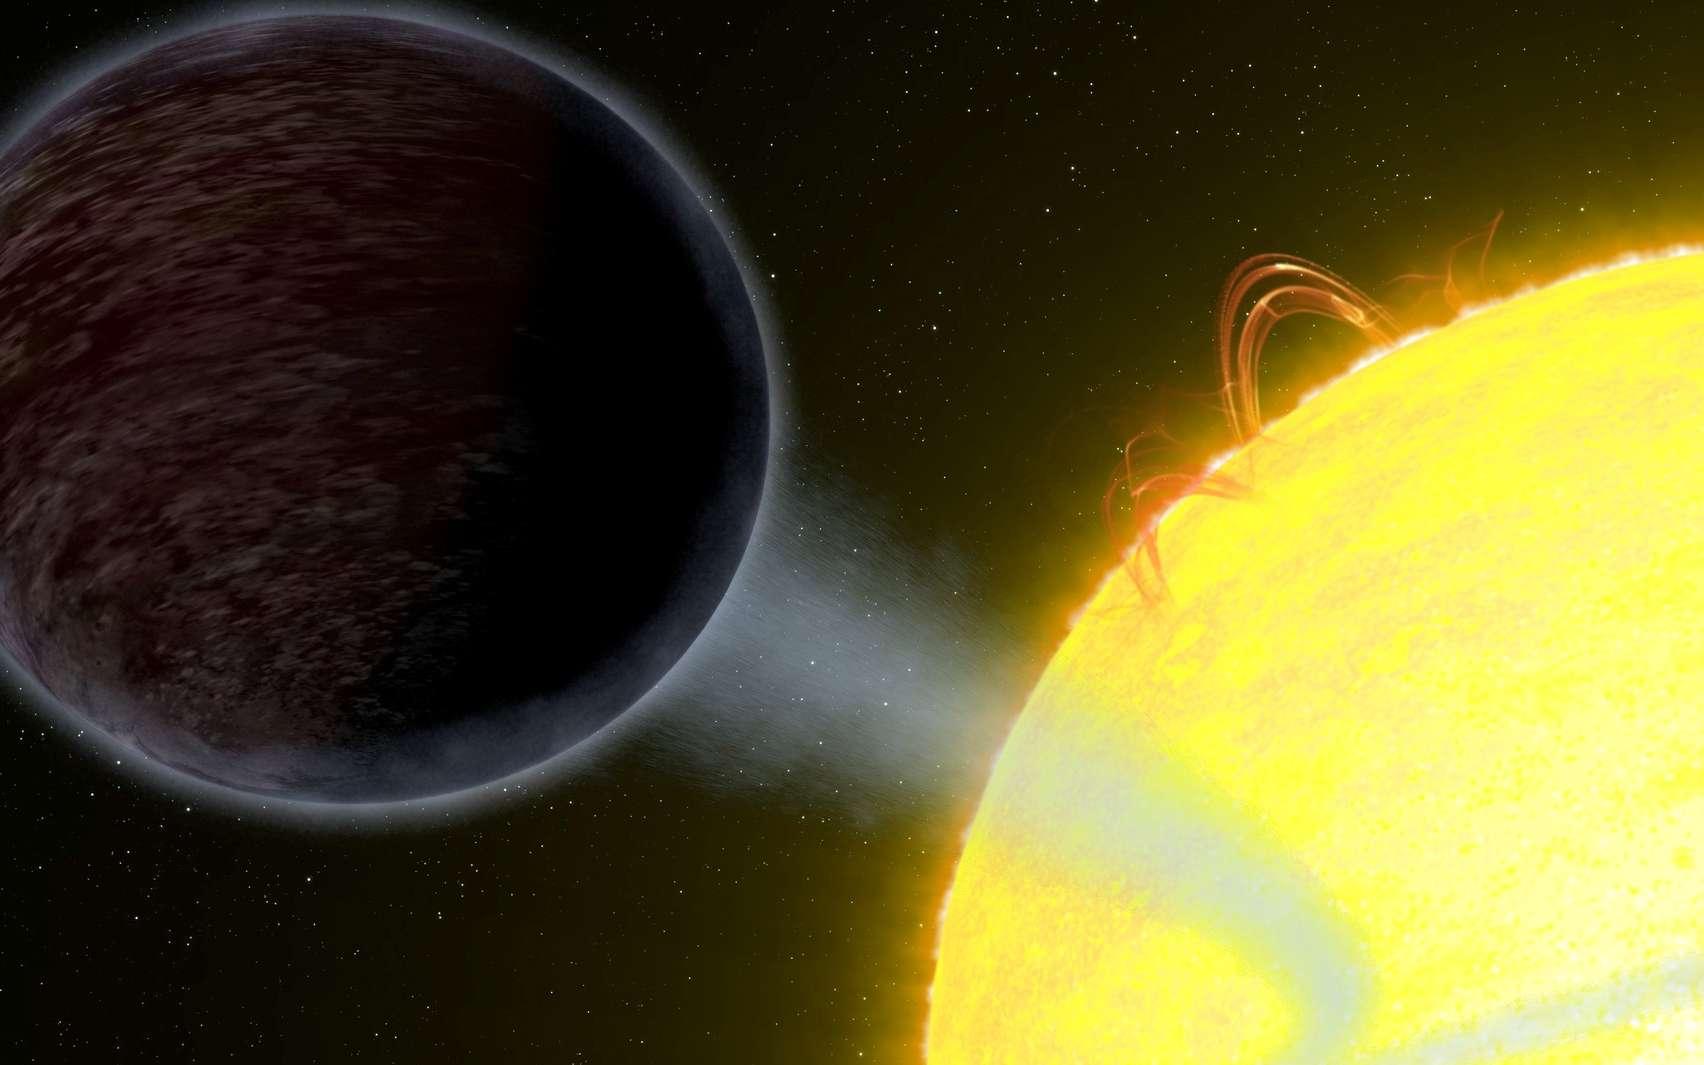 La planète Wasp 12b est noire sur cette image d'artiste. Elle orbite si près de son étoile que cette Jupiter chaude perd de la matière du fait des forces de marée. Le courant gazeux qui s'en échappe forme un filament bleuté autour de Wasp 12a, l'étoile hôte. © Nasa, ESA, G. Bacon (STScI)